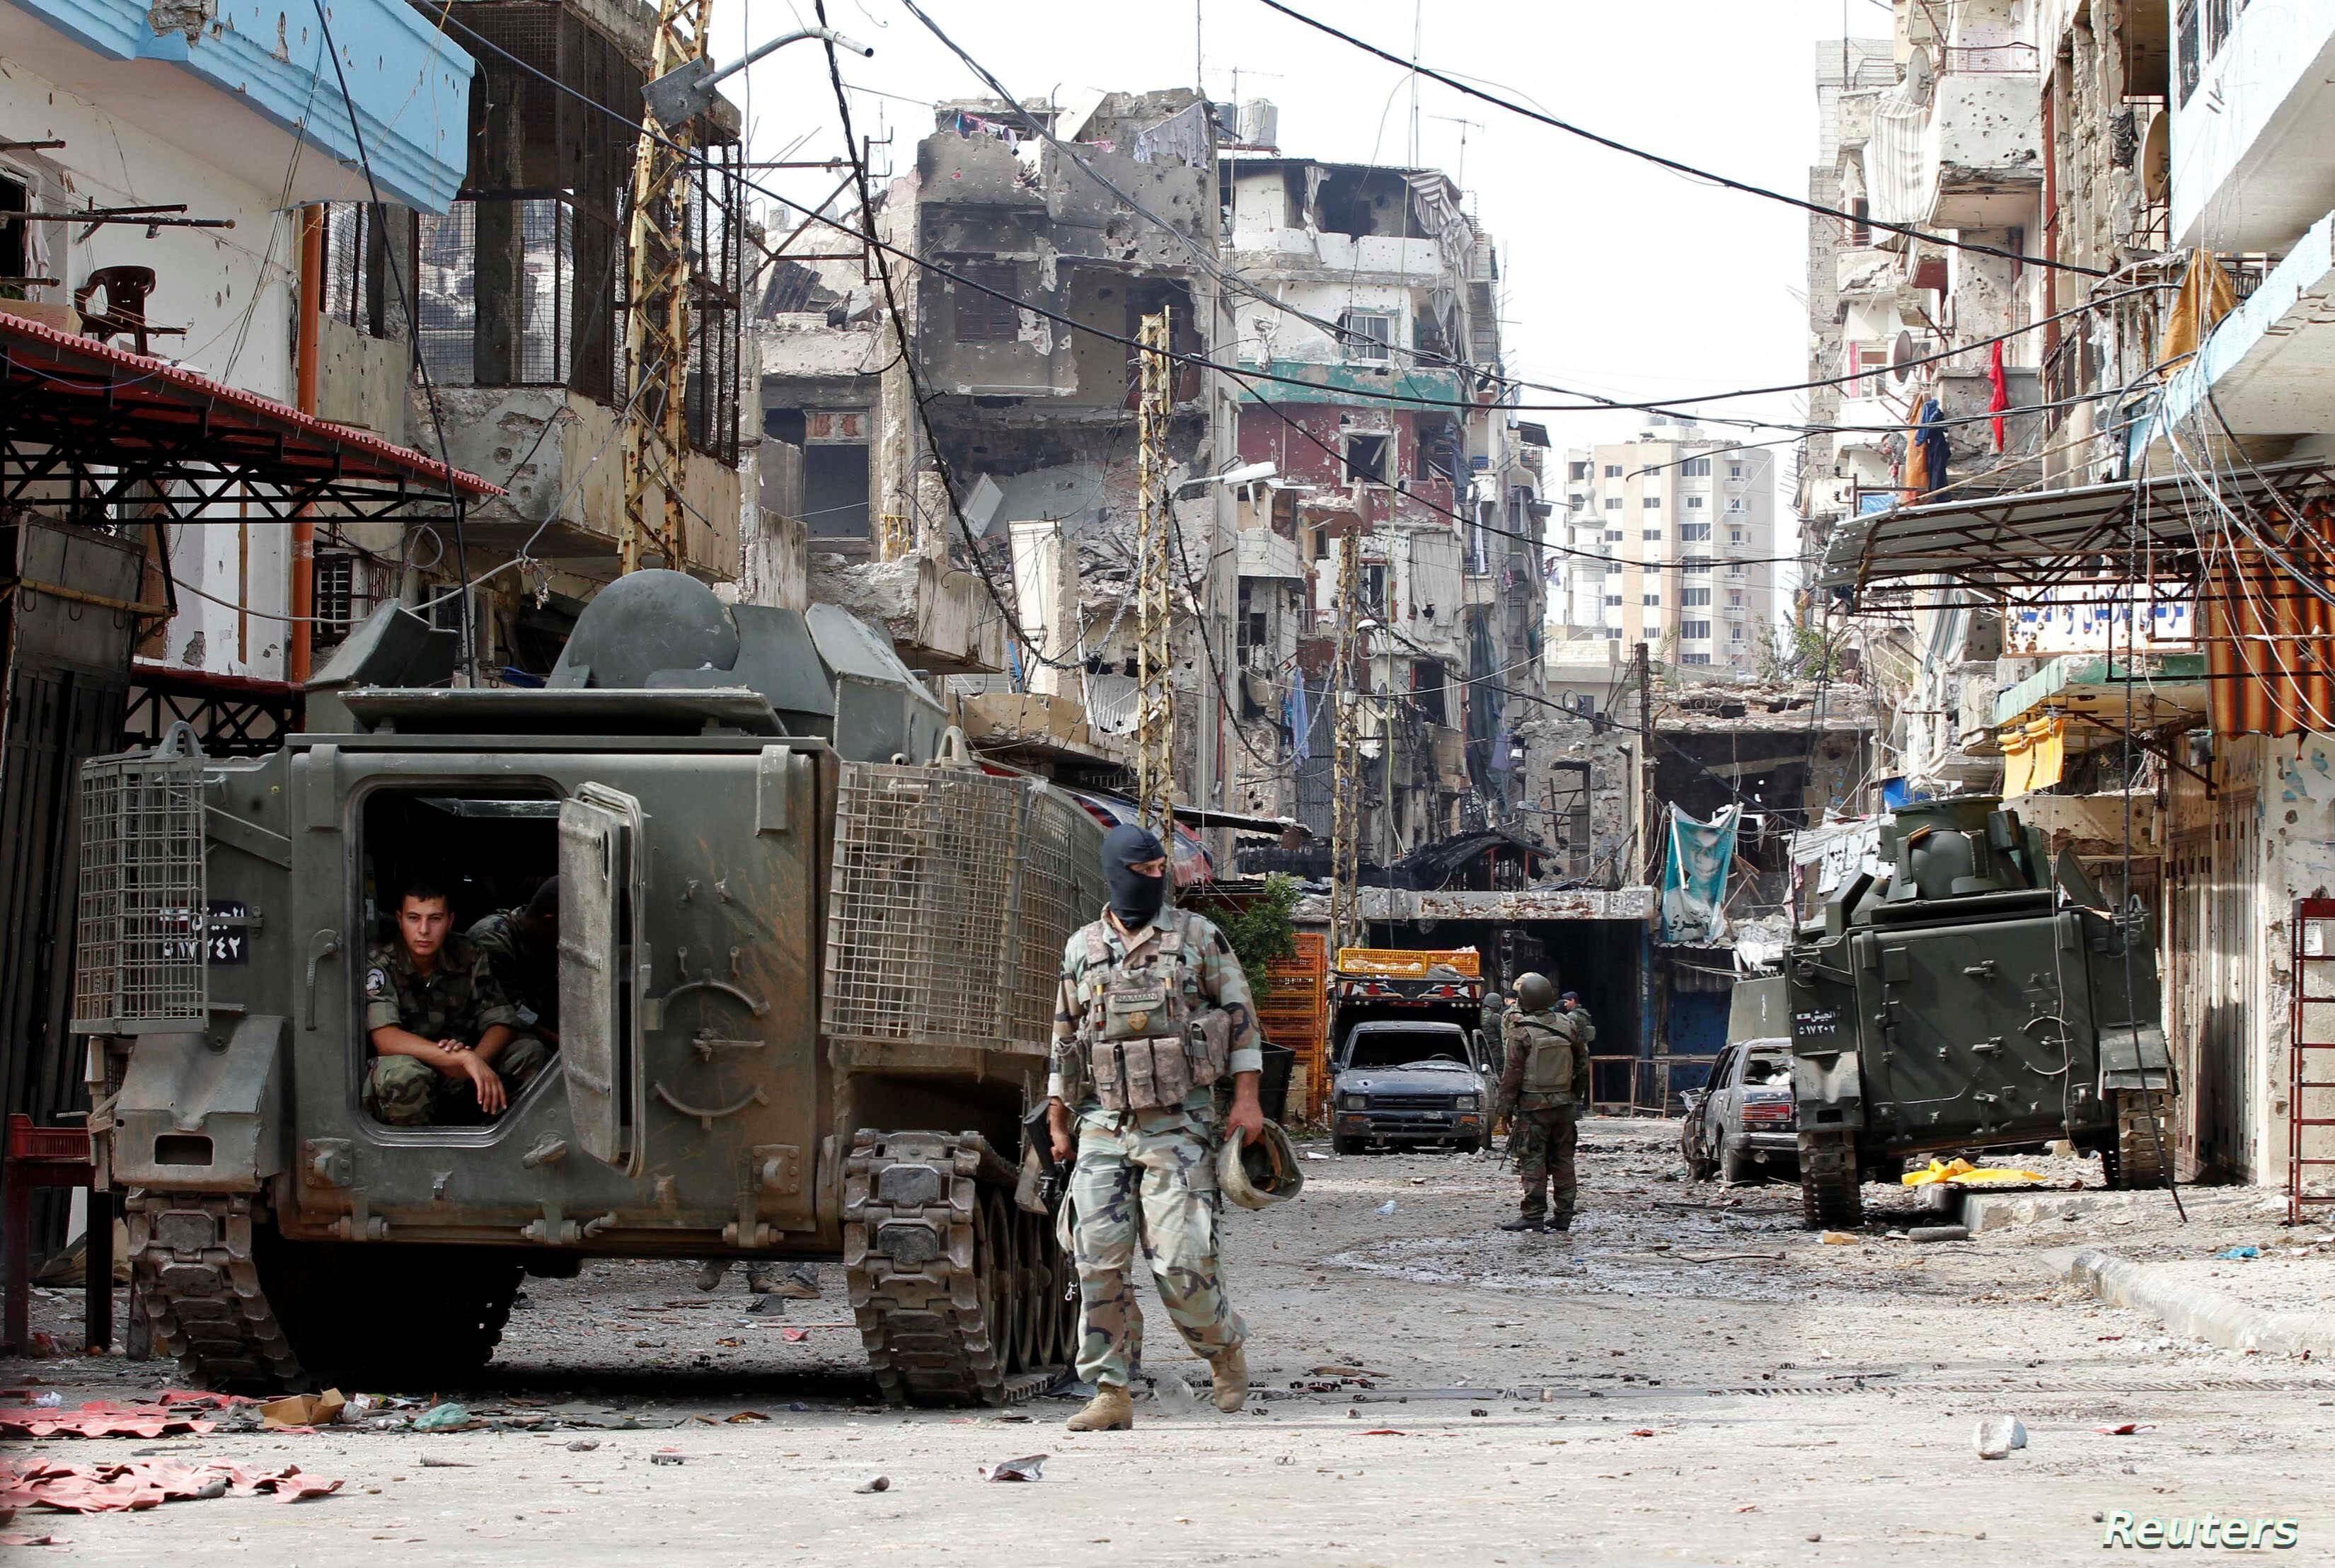 شارع سوريا الذي شهد الكثير من الأحداث في طرابلس